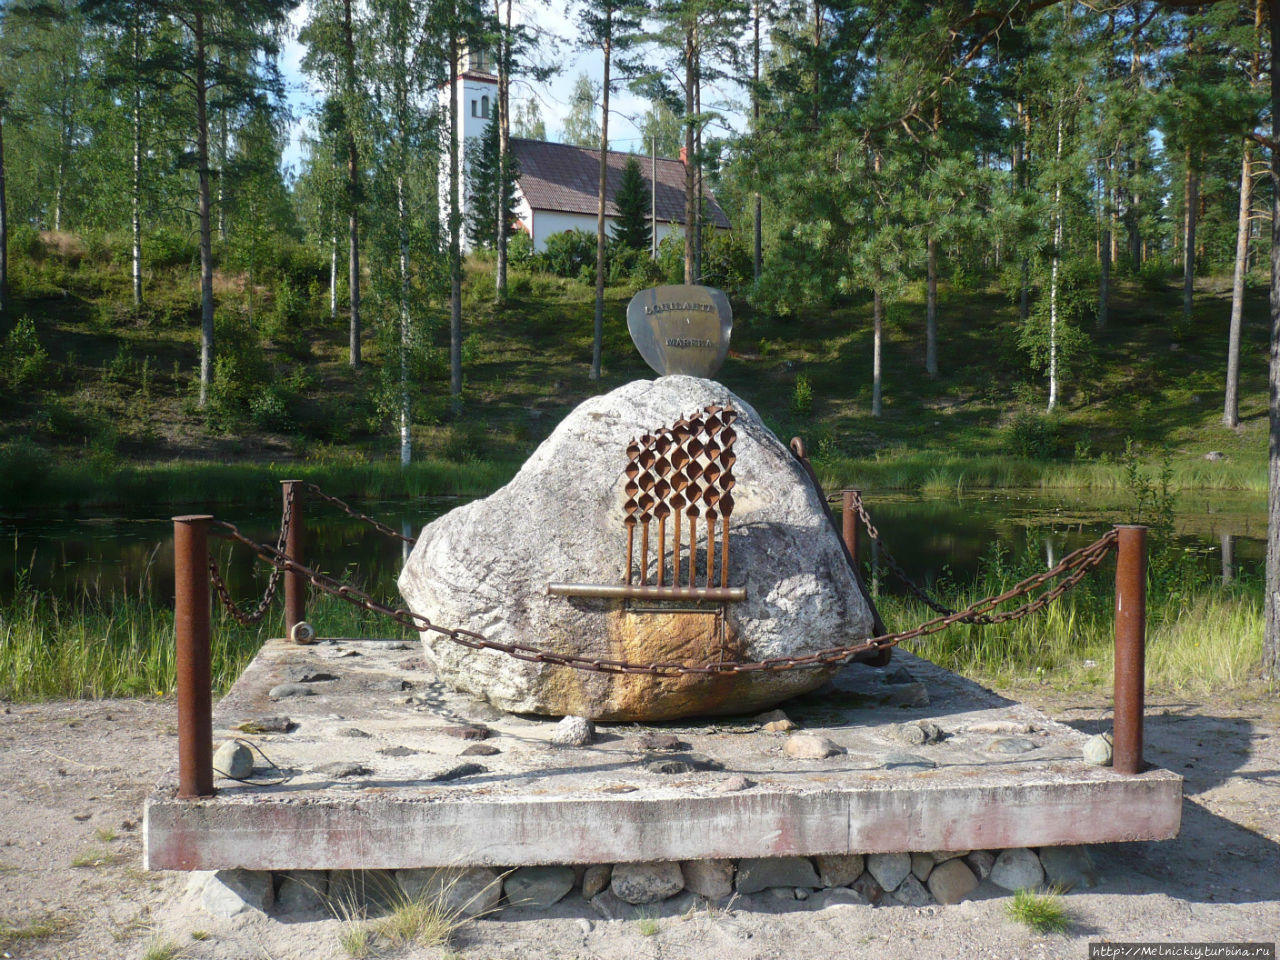 Памятник финской марке Лохилахти, Финляндия